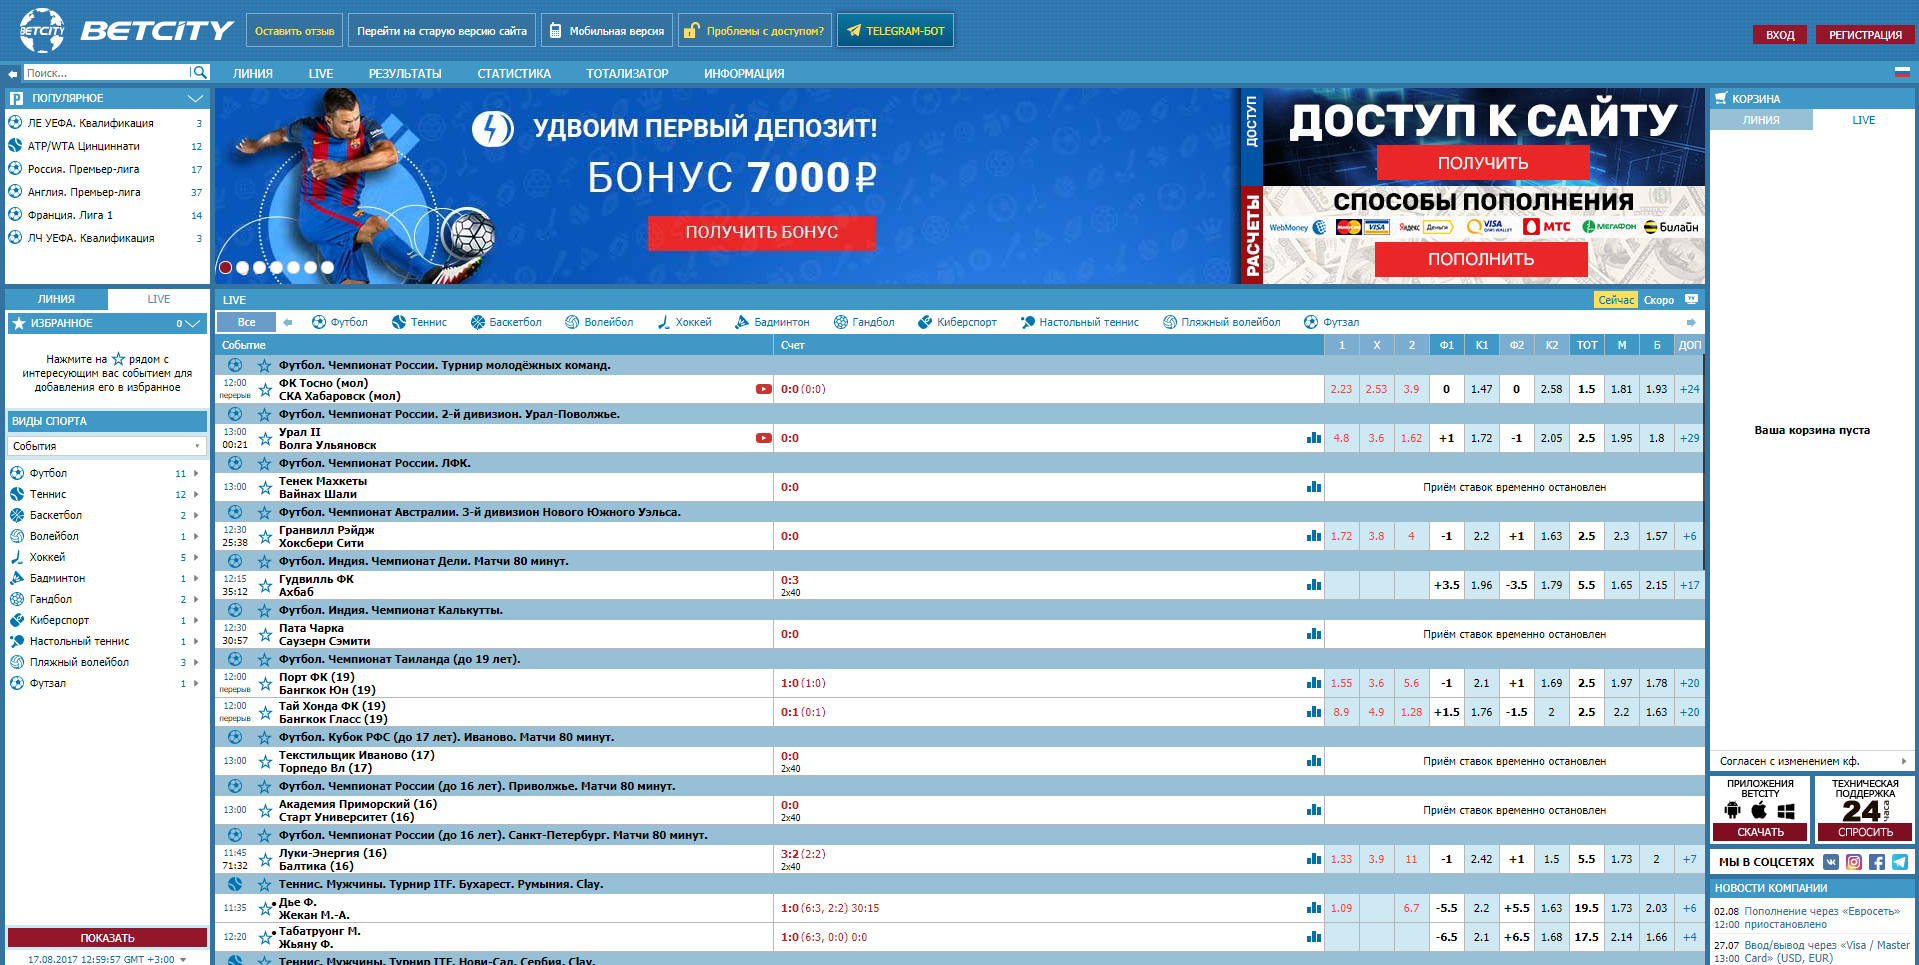 Сайт БК Betcity